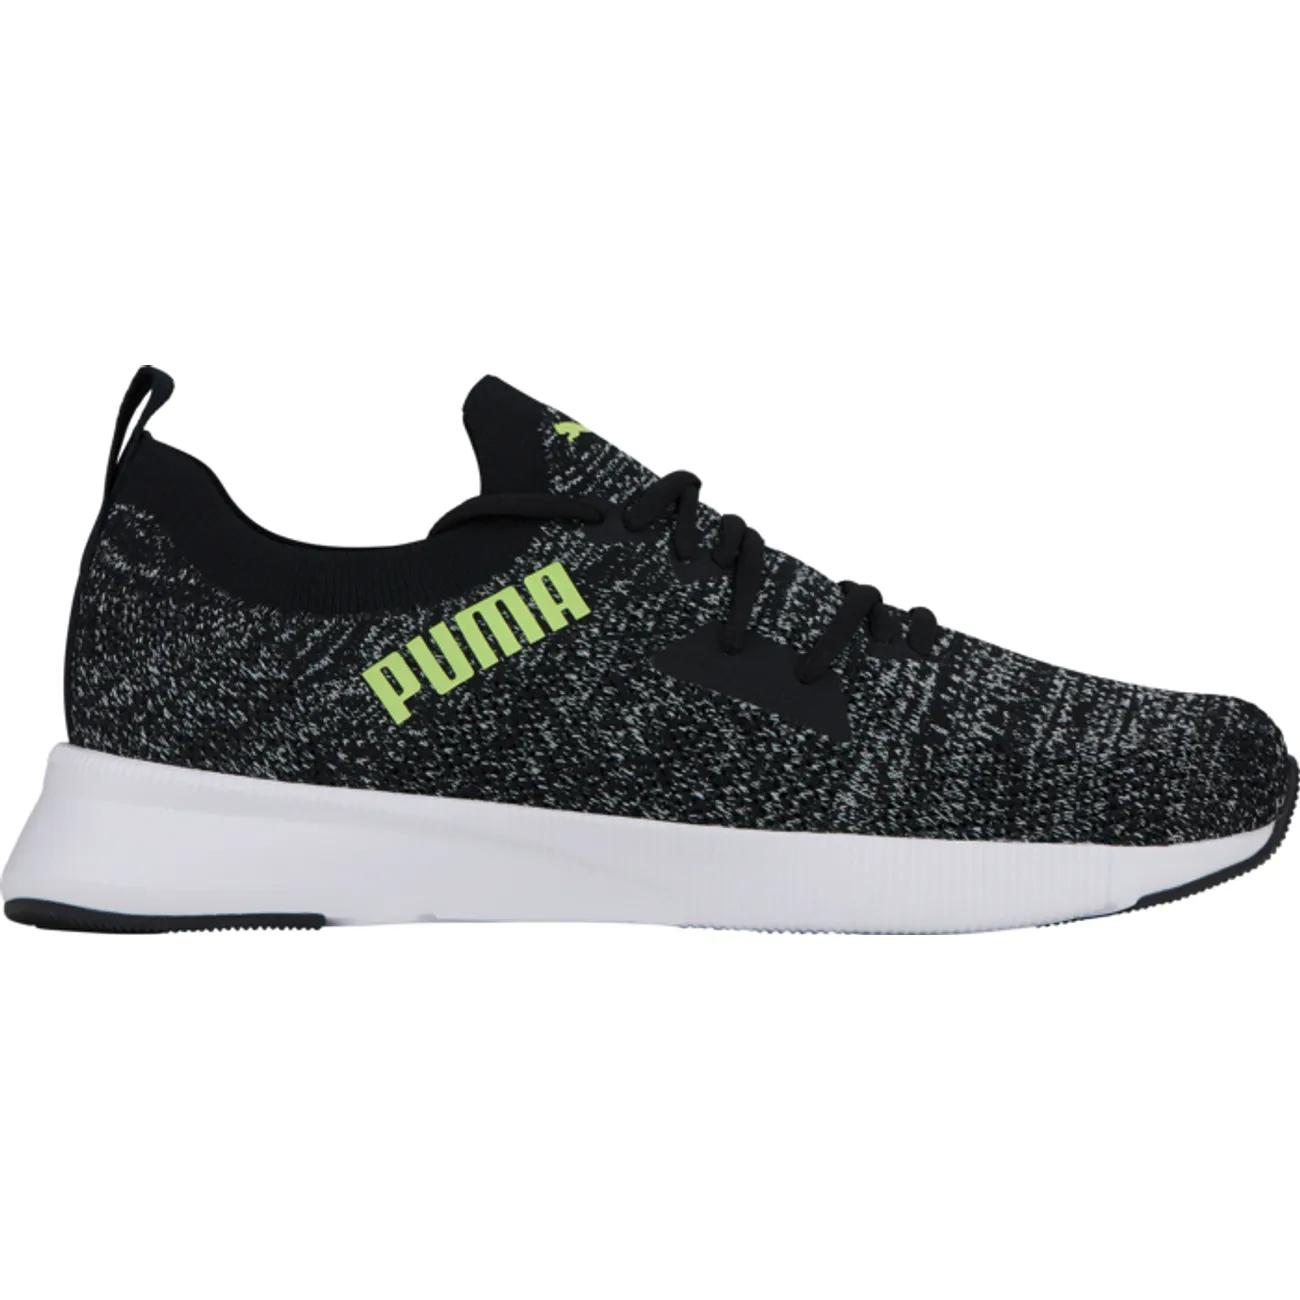 Chaussures de running Puma Flyer Runner Engineer Knit - Taille 39 à 46